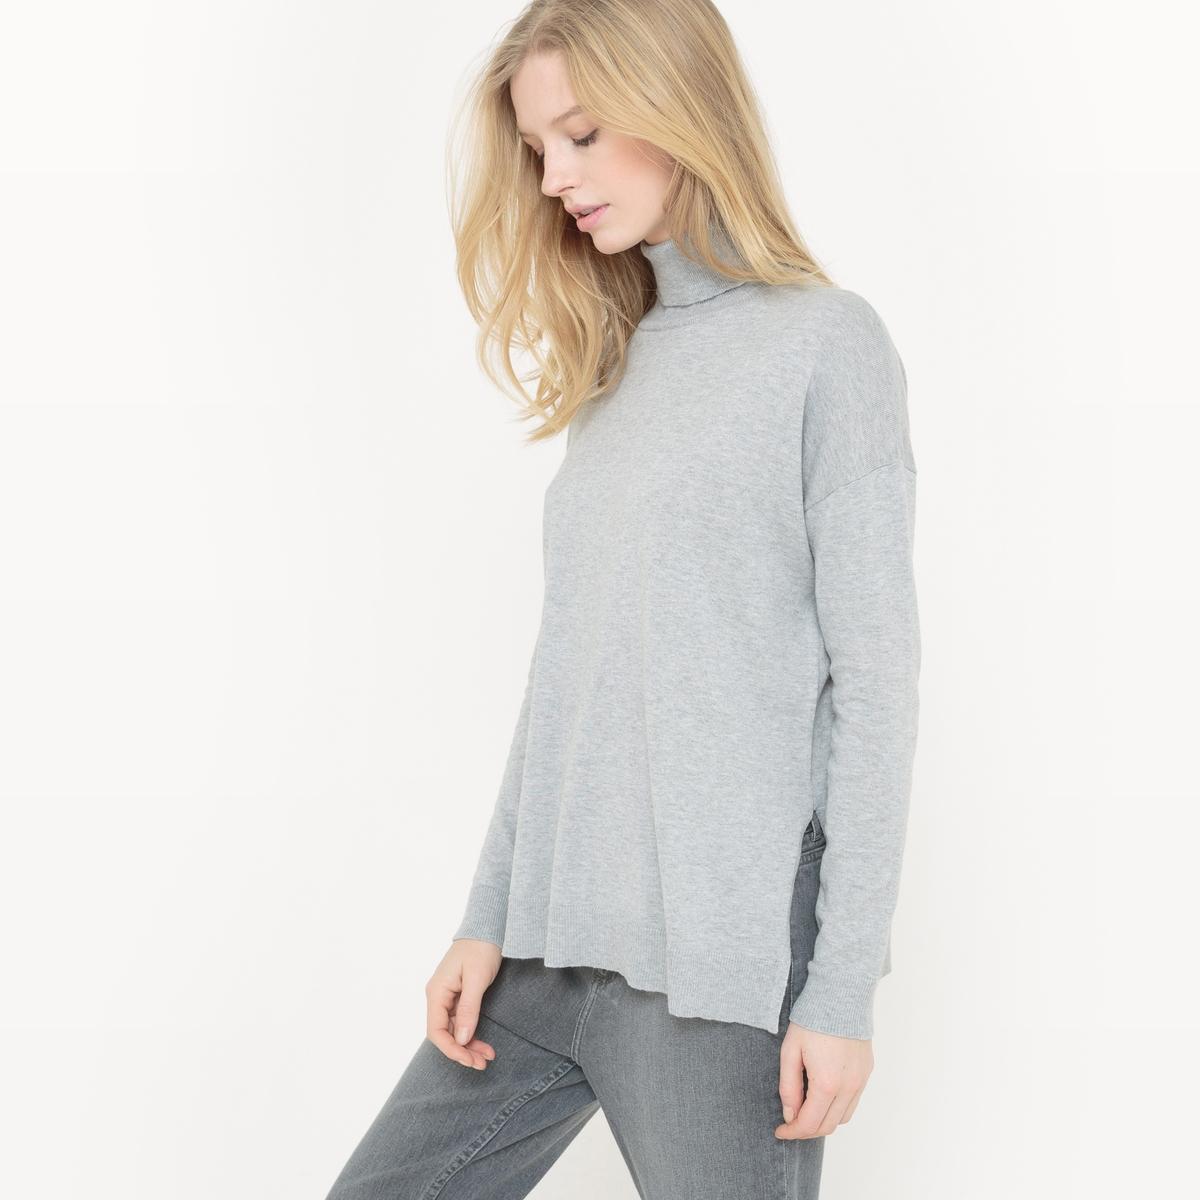 Camisola com gola alta, algodão/seda